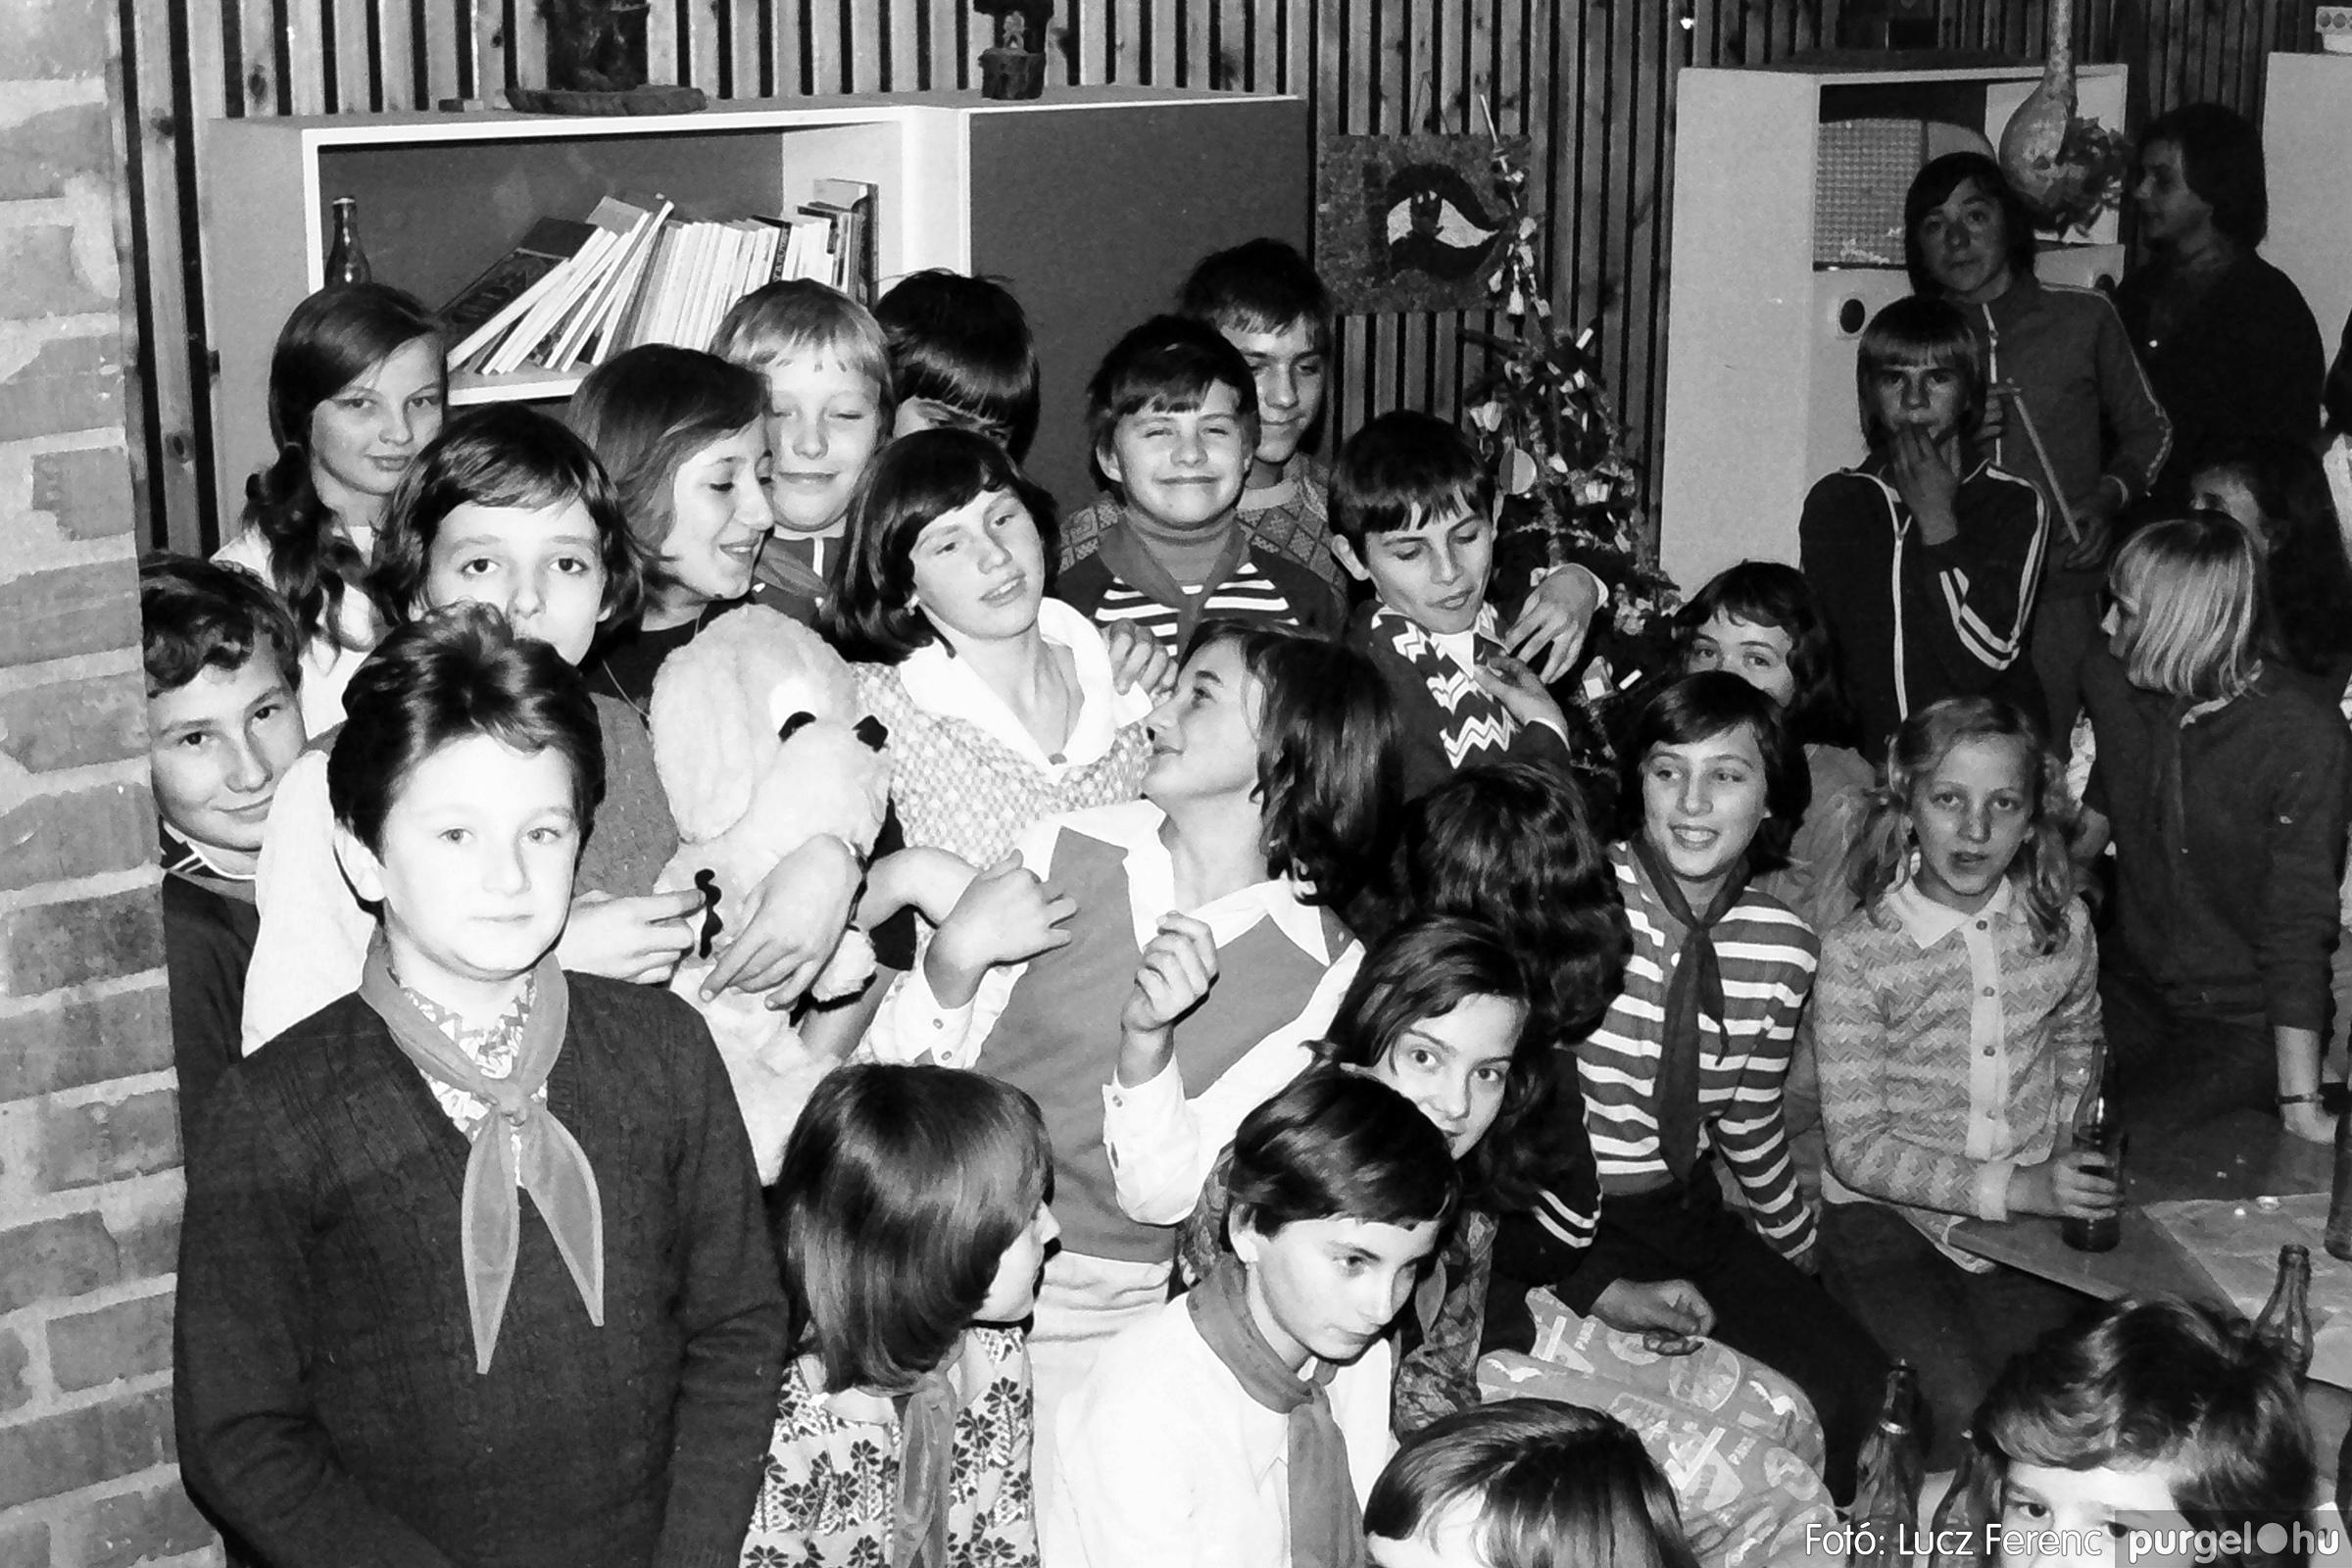 067. 1976. Karácsonyi buli az úttörőszobában 003. - Fotó: Lucz Ferenc.jpg